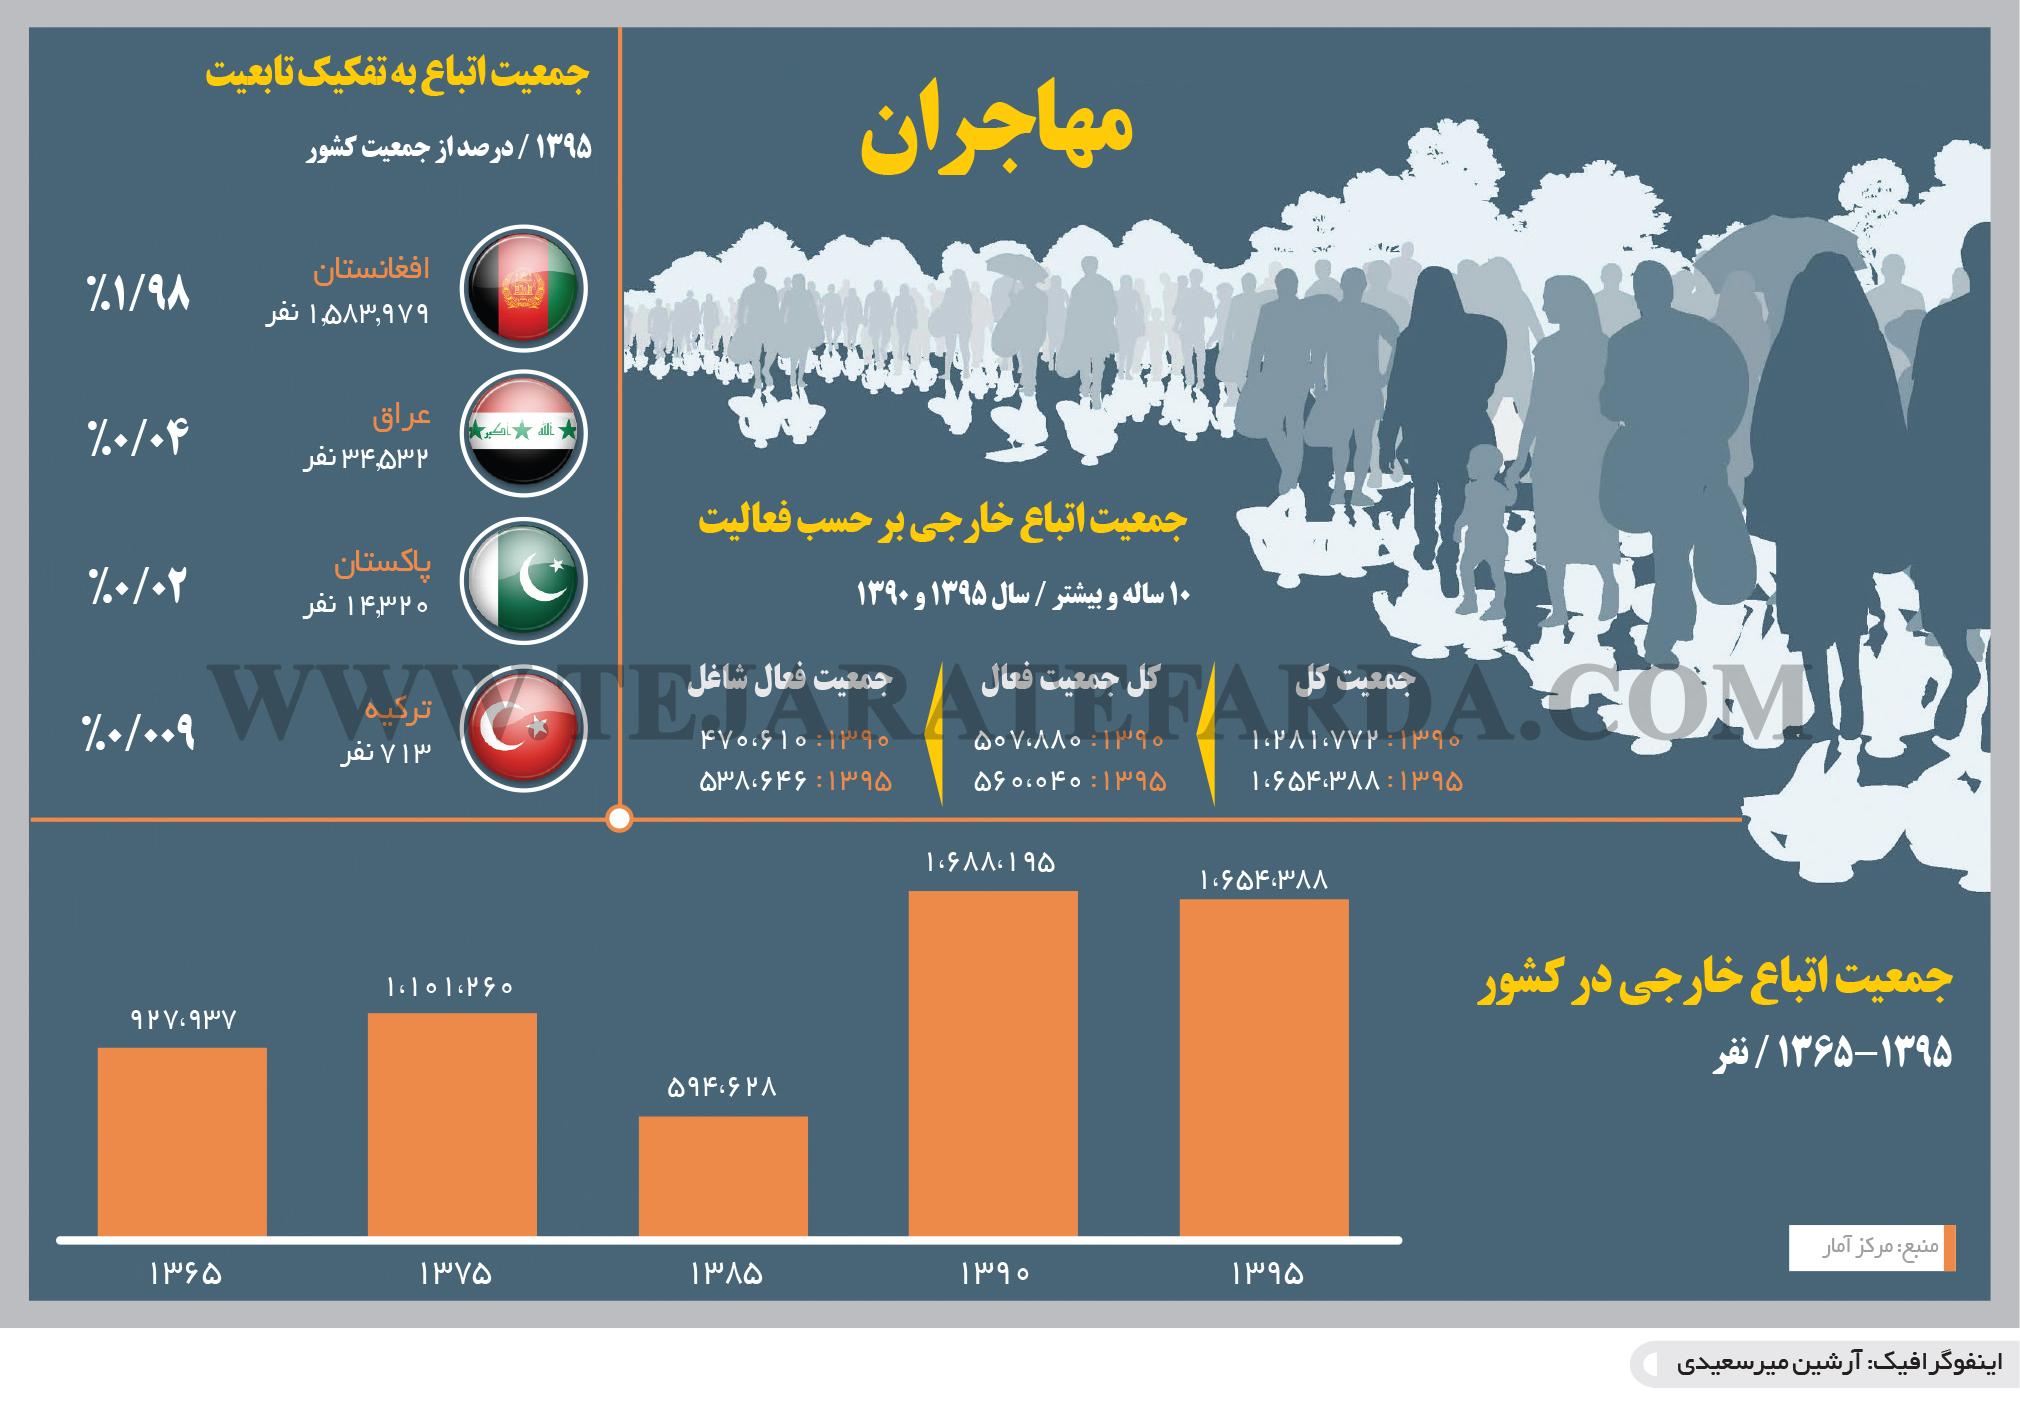 تجارت- فردا- خروج افغانها(اینفوگرافیک)